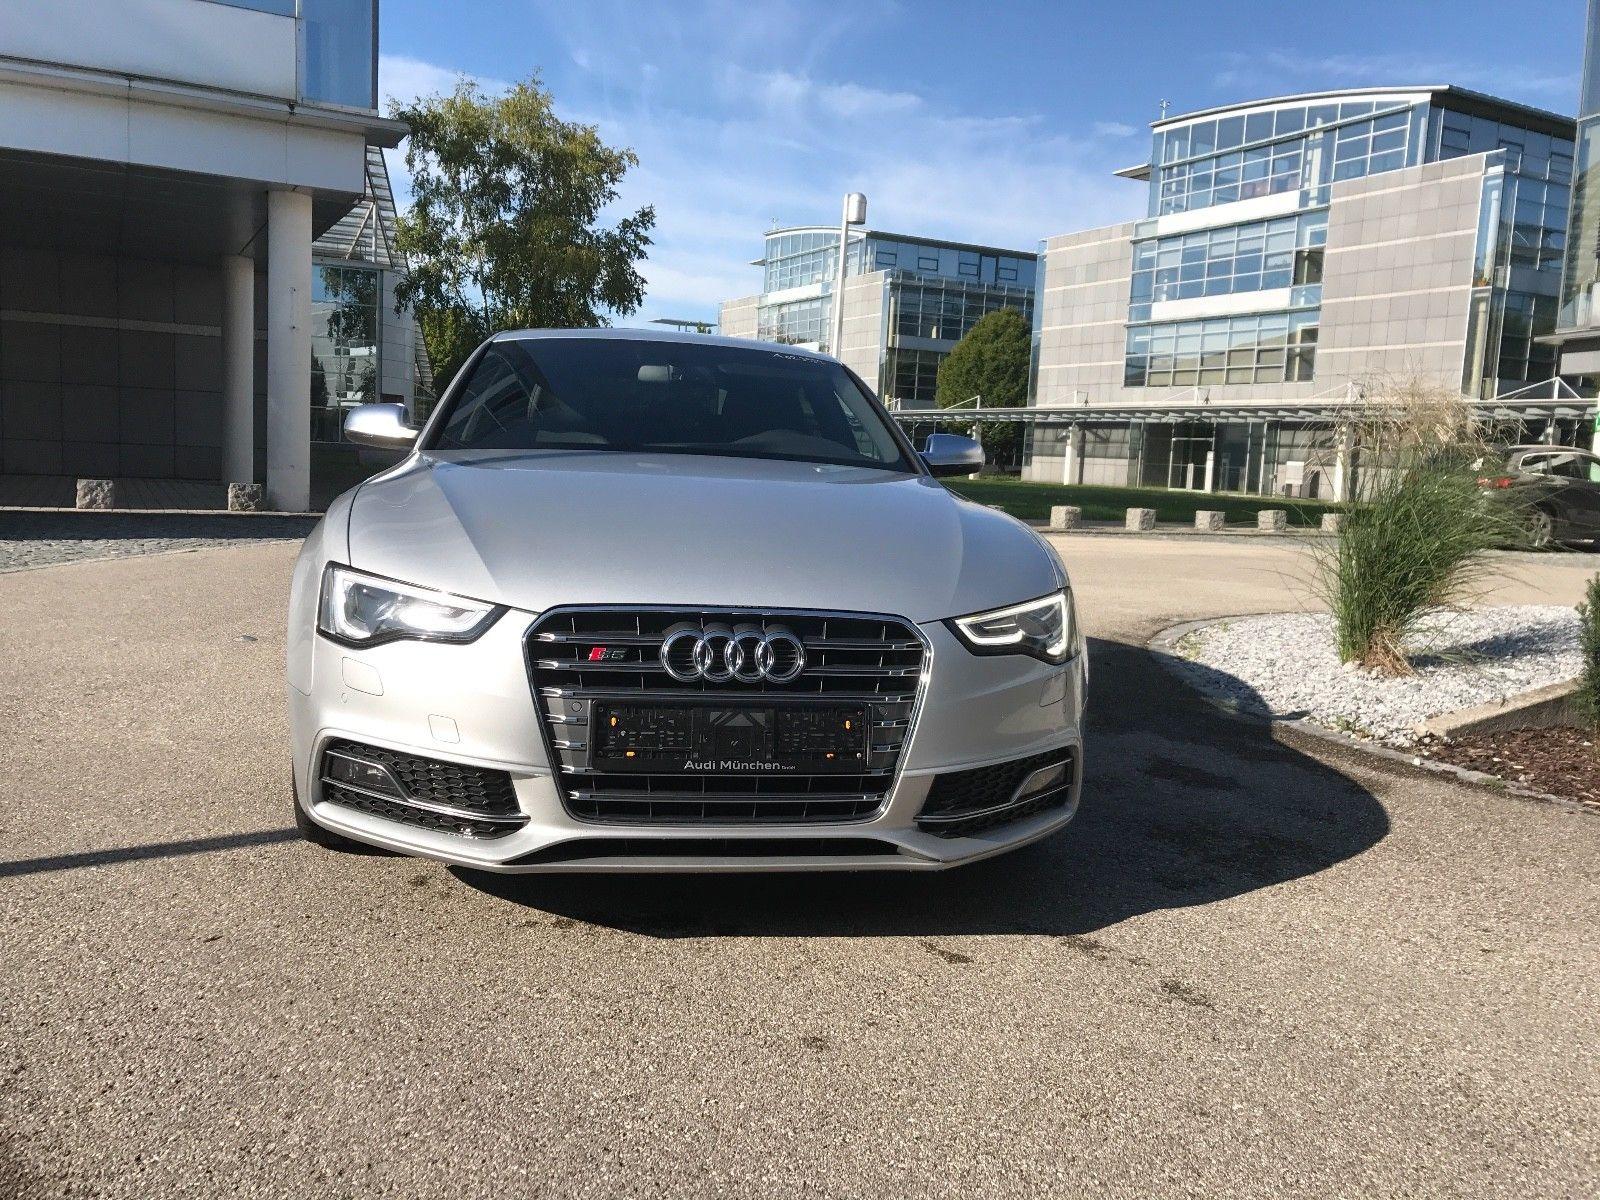 Покупка на кола от Германия - Audi S5 Sportback 2013 3.0 TFSI 333 к.с. Quattro - 33500 Evro - 06.10.2017 (8)